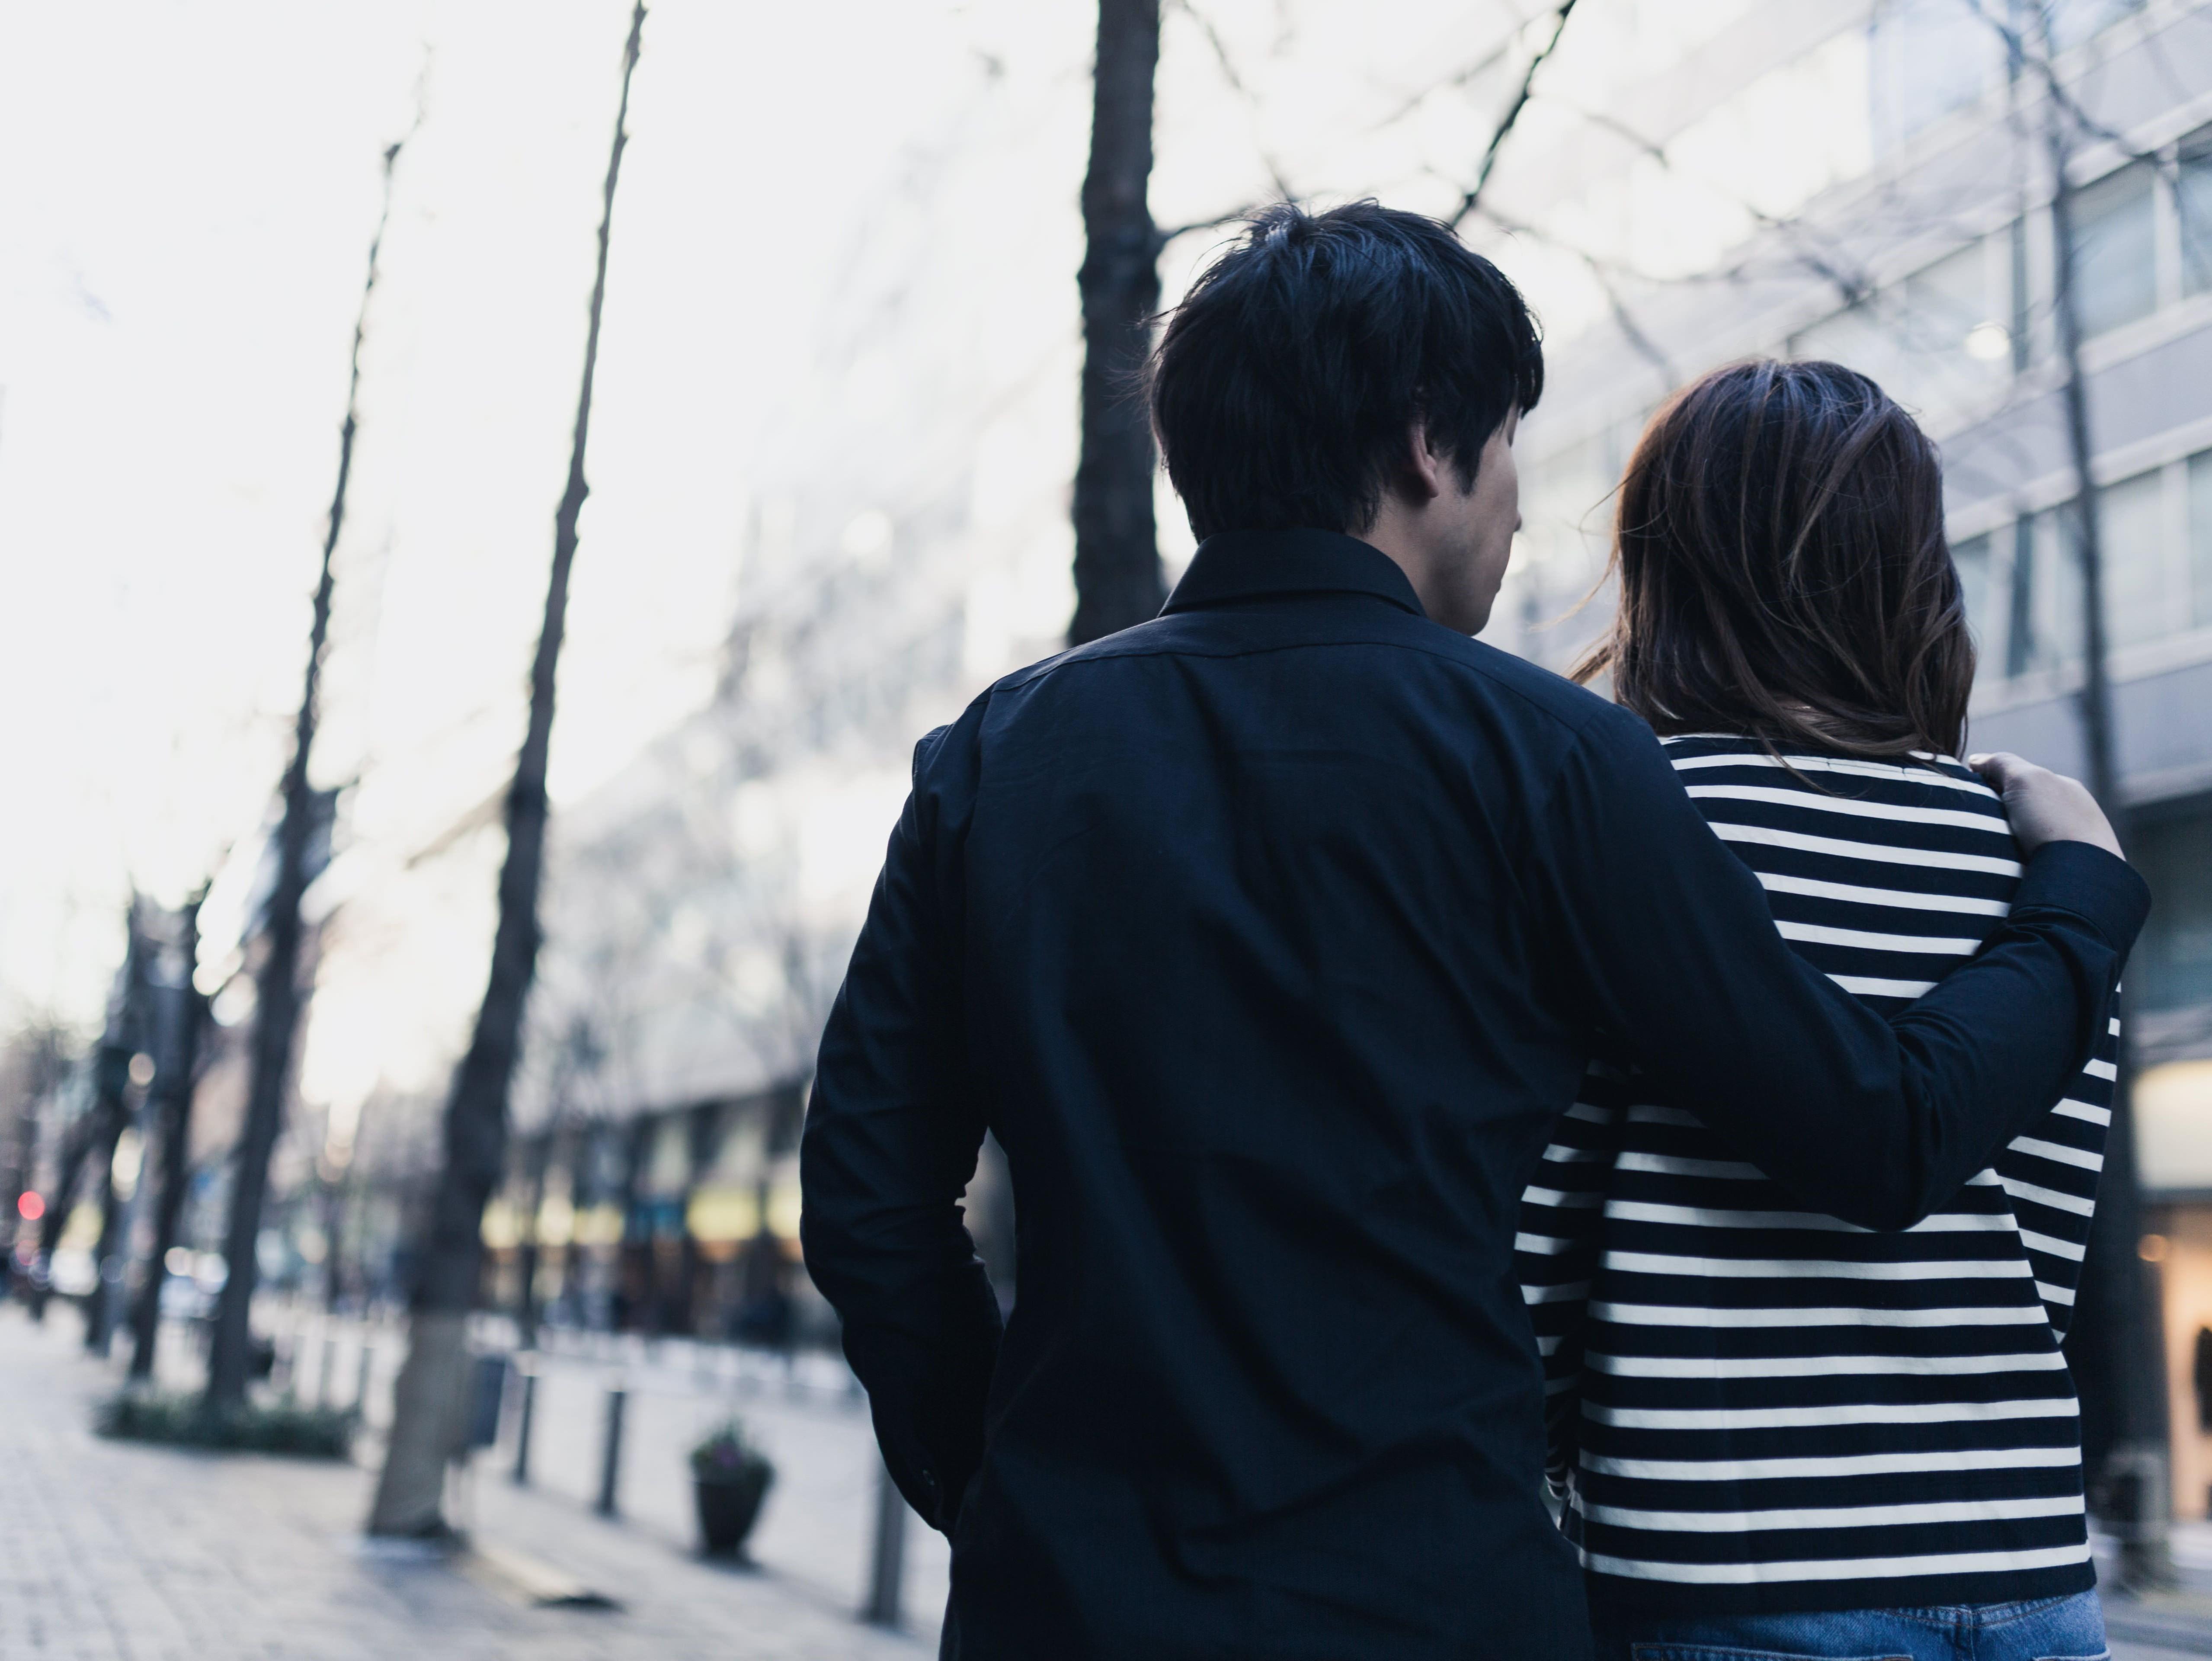 ▲戀人,情侶,兩性。(圖/取自免費圖庫pakutaso)